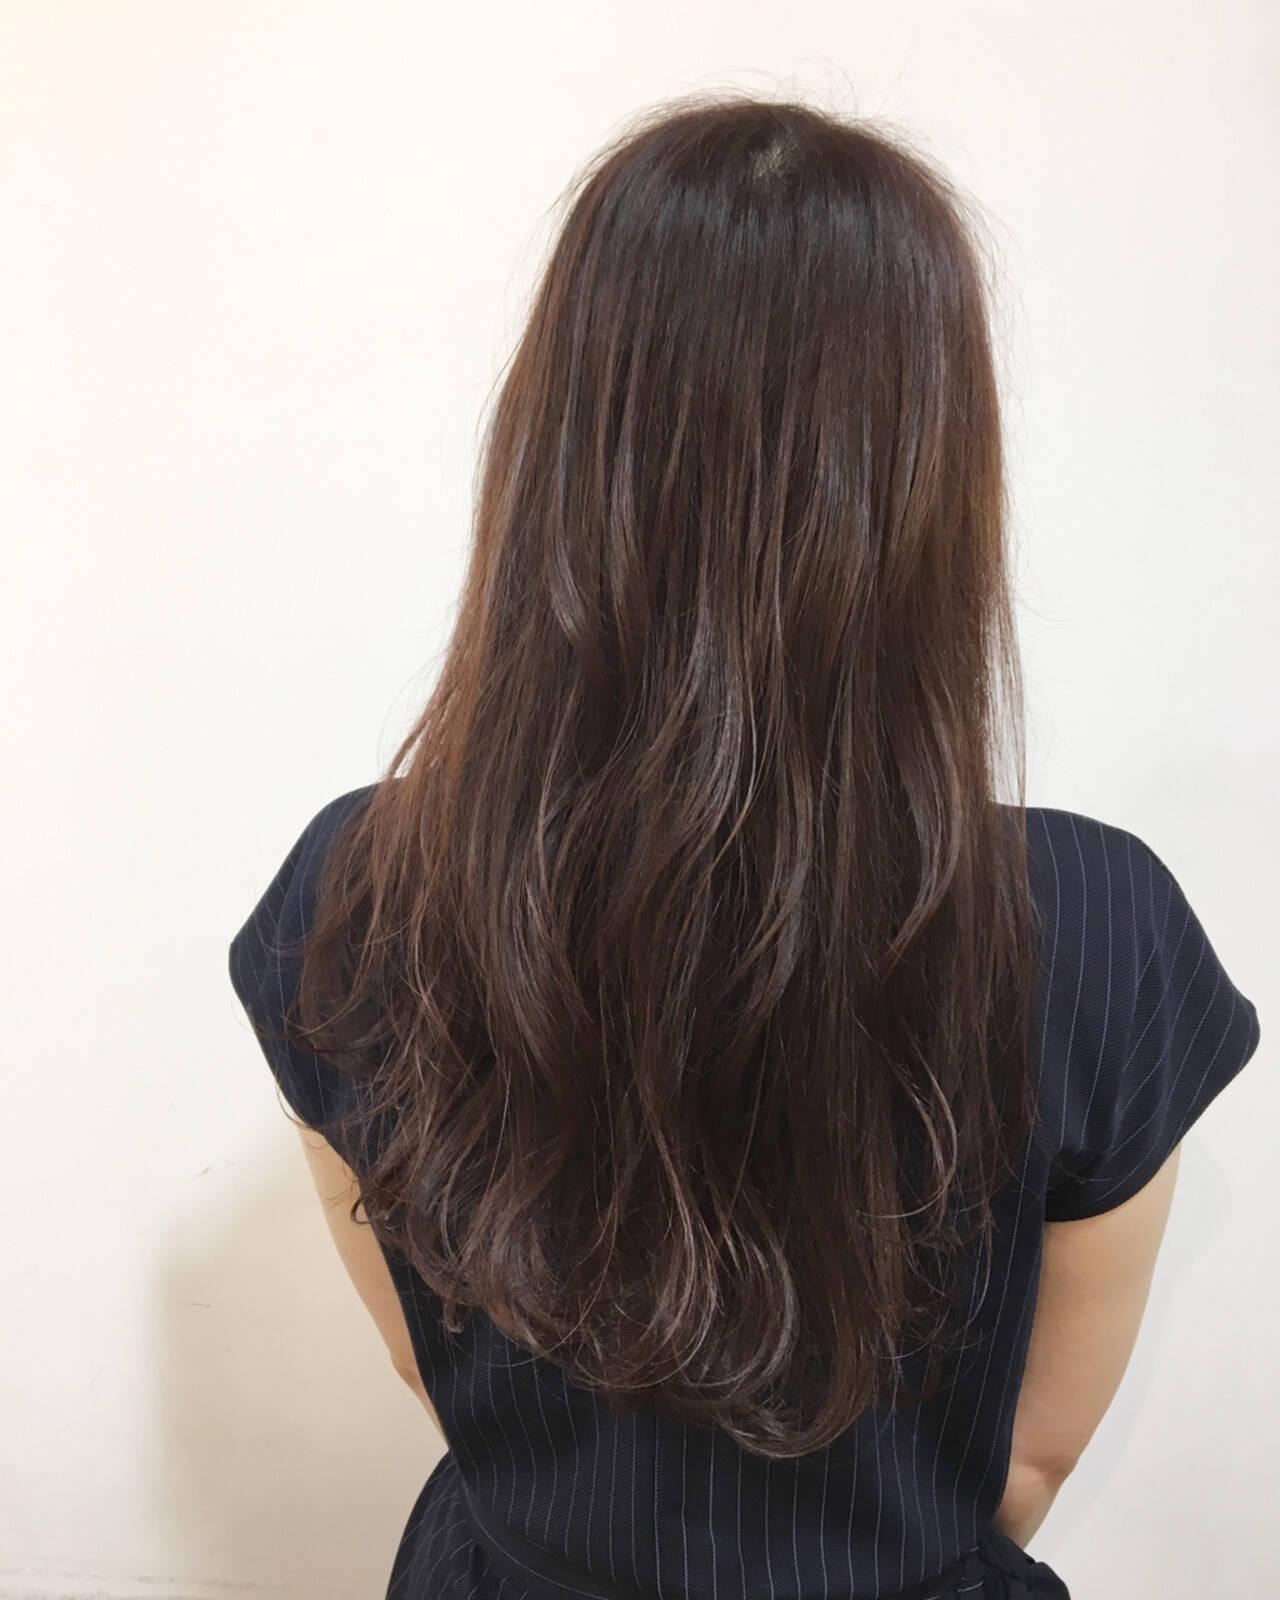 レッド ピンク ロング イルミナカラーヘアスタイルや髪型の写真・画像